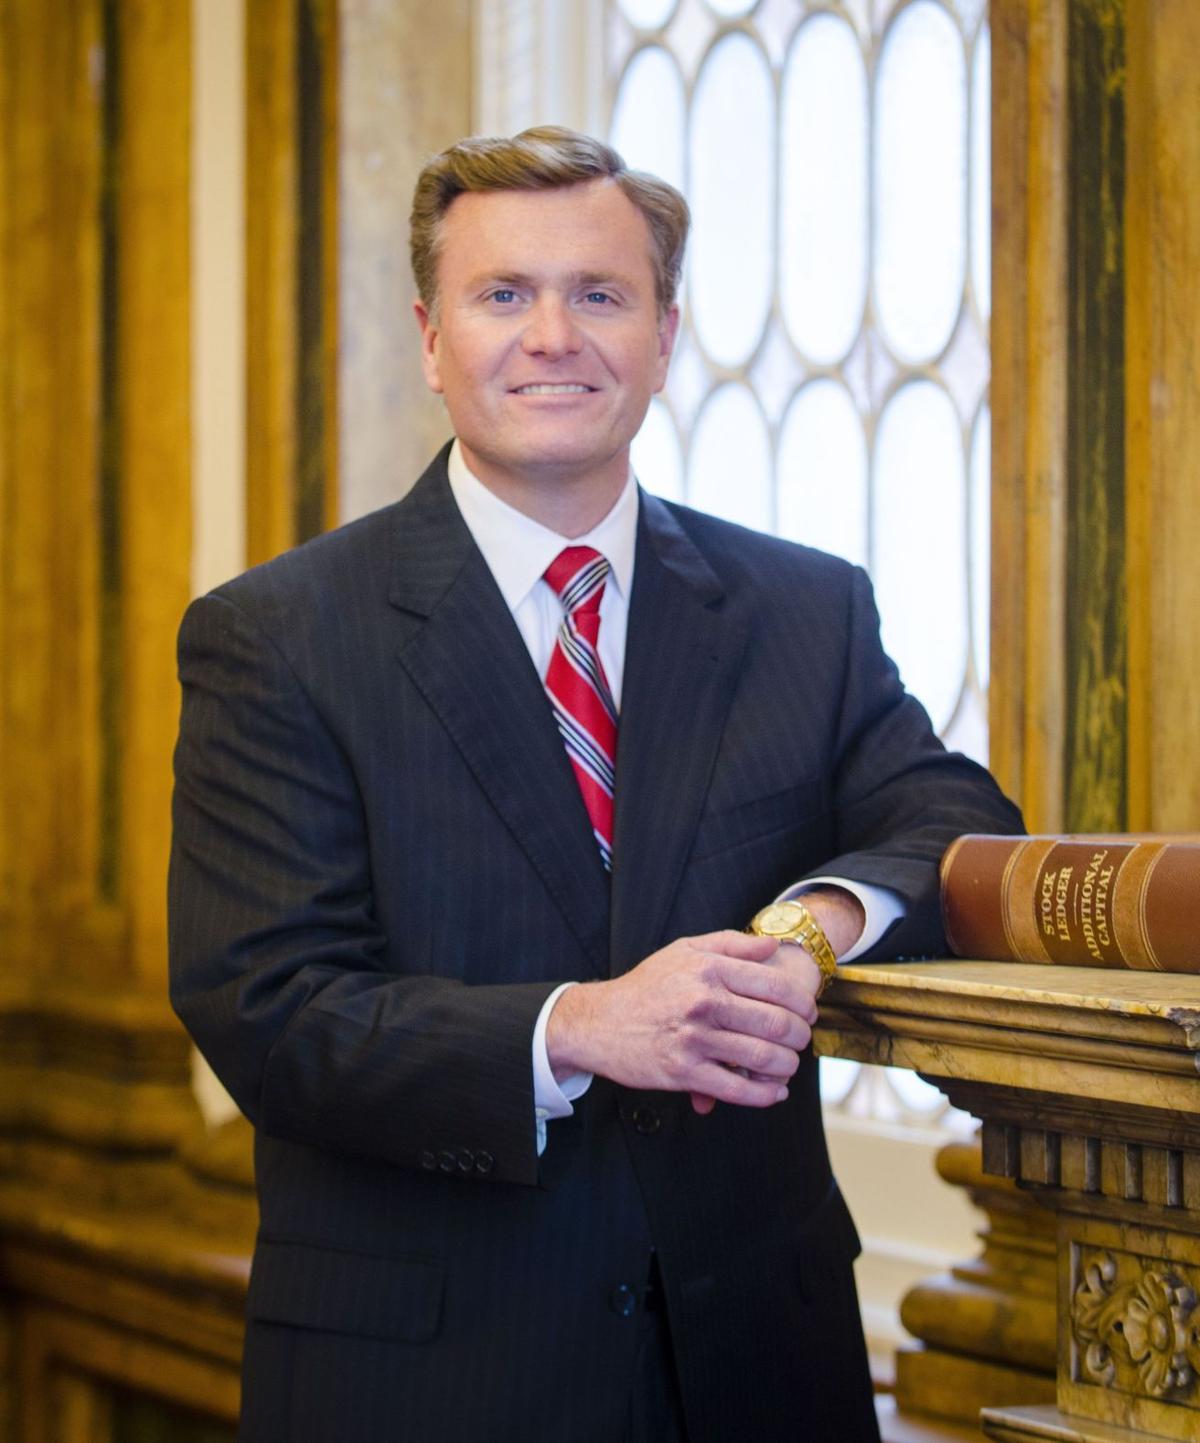 Wells Fargo exec in Mount P. now oversees Carolinas